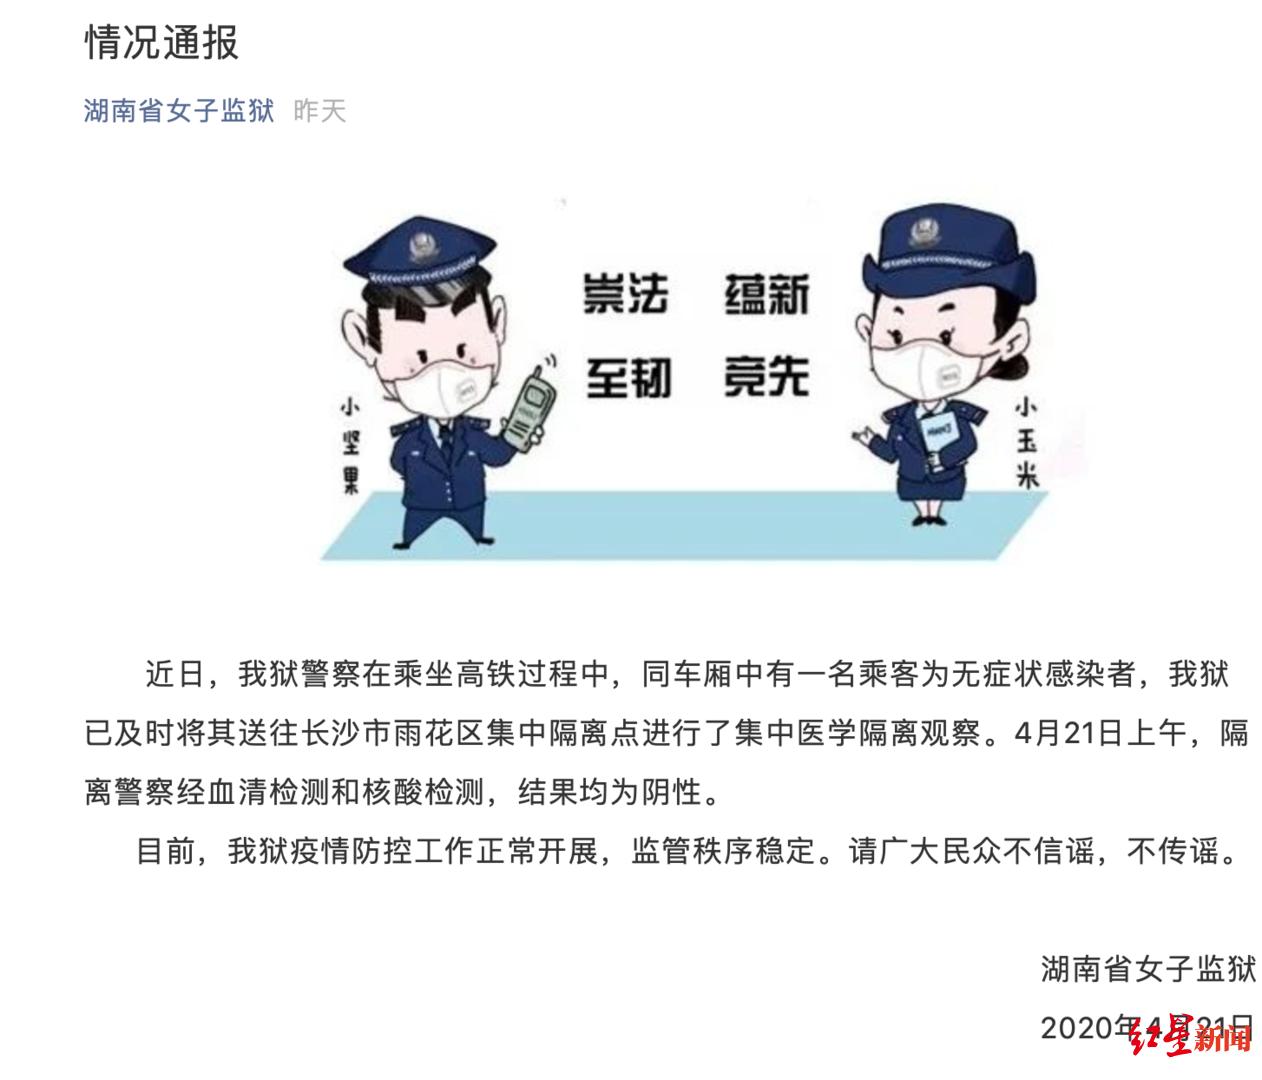 蓝冠官网,子监狱发生疫情假的情况蓝冠官网通报来了图片